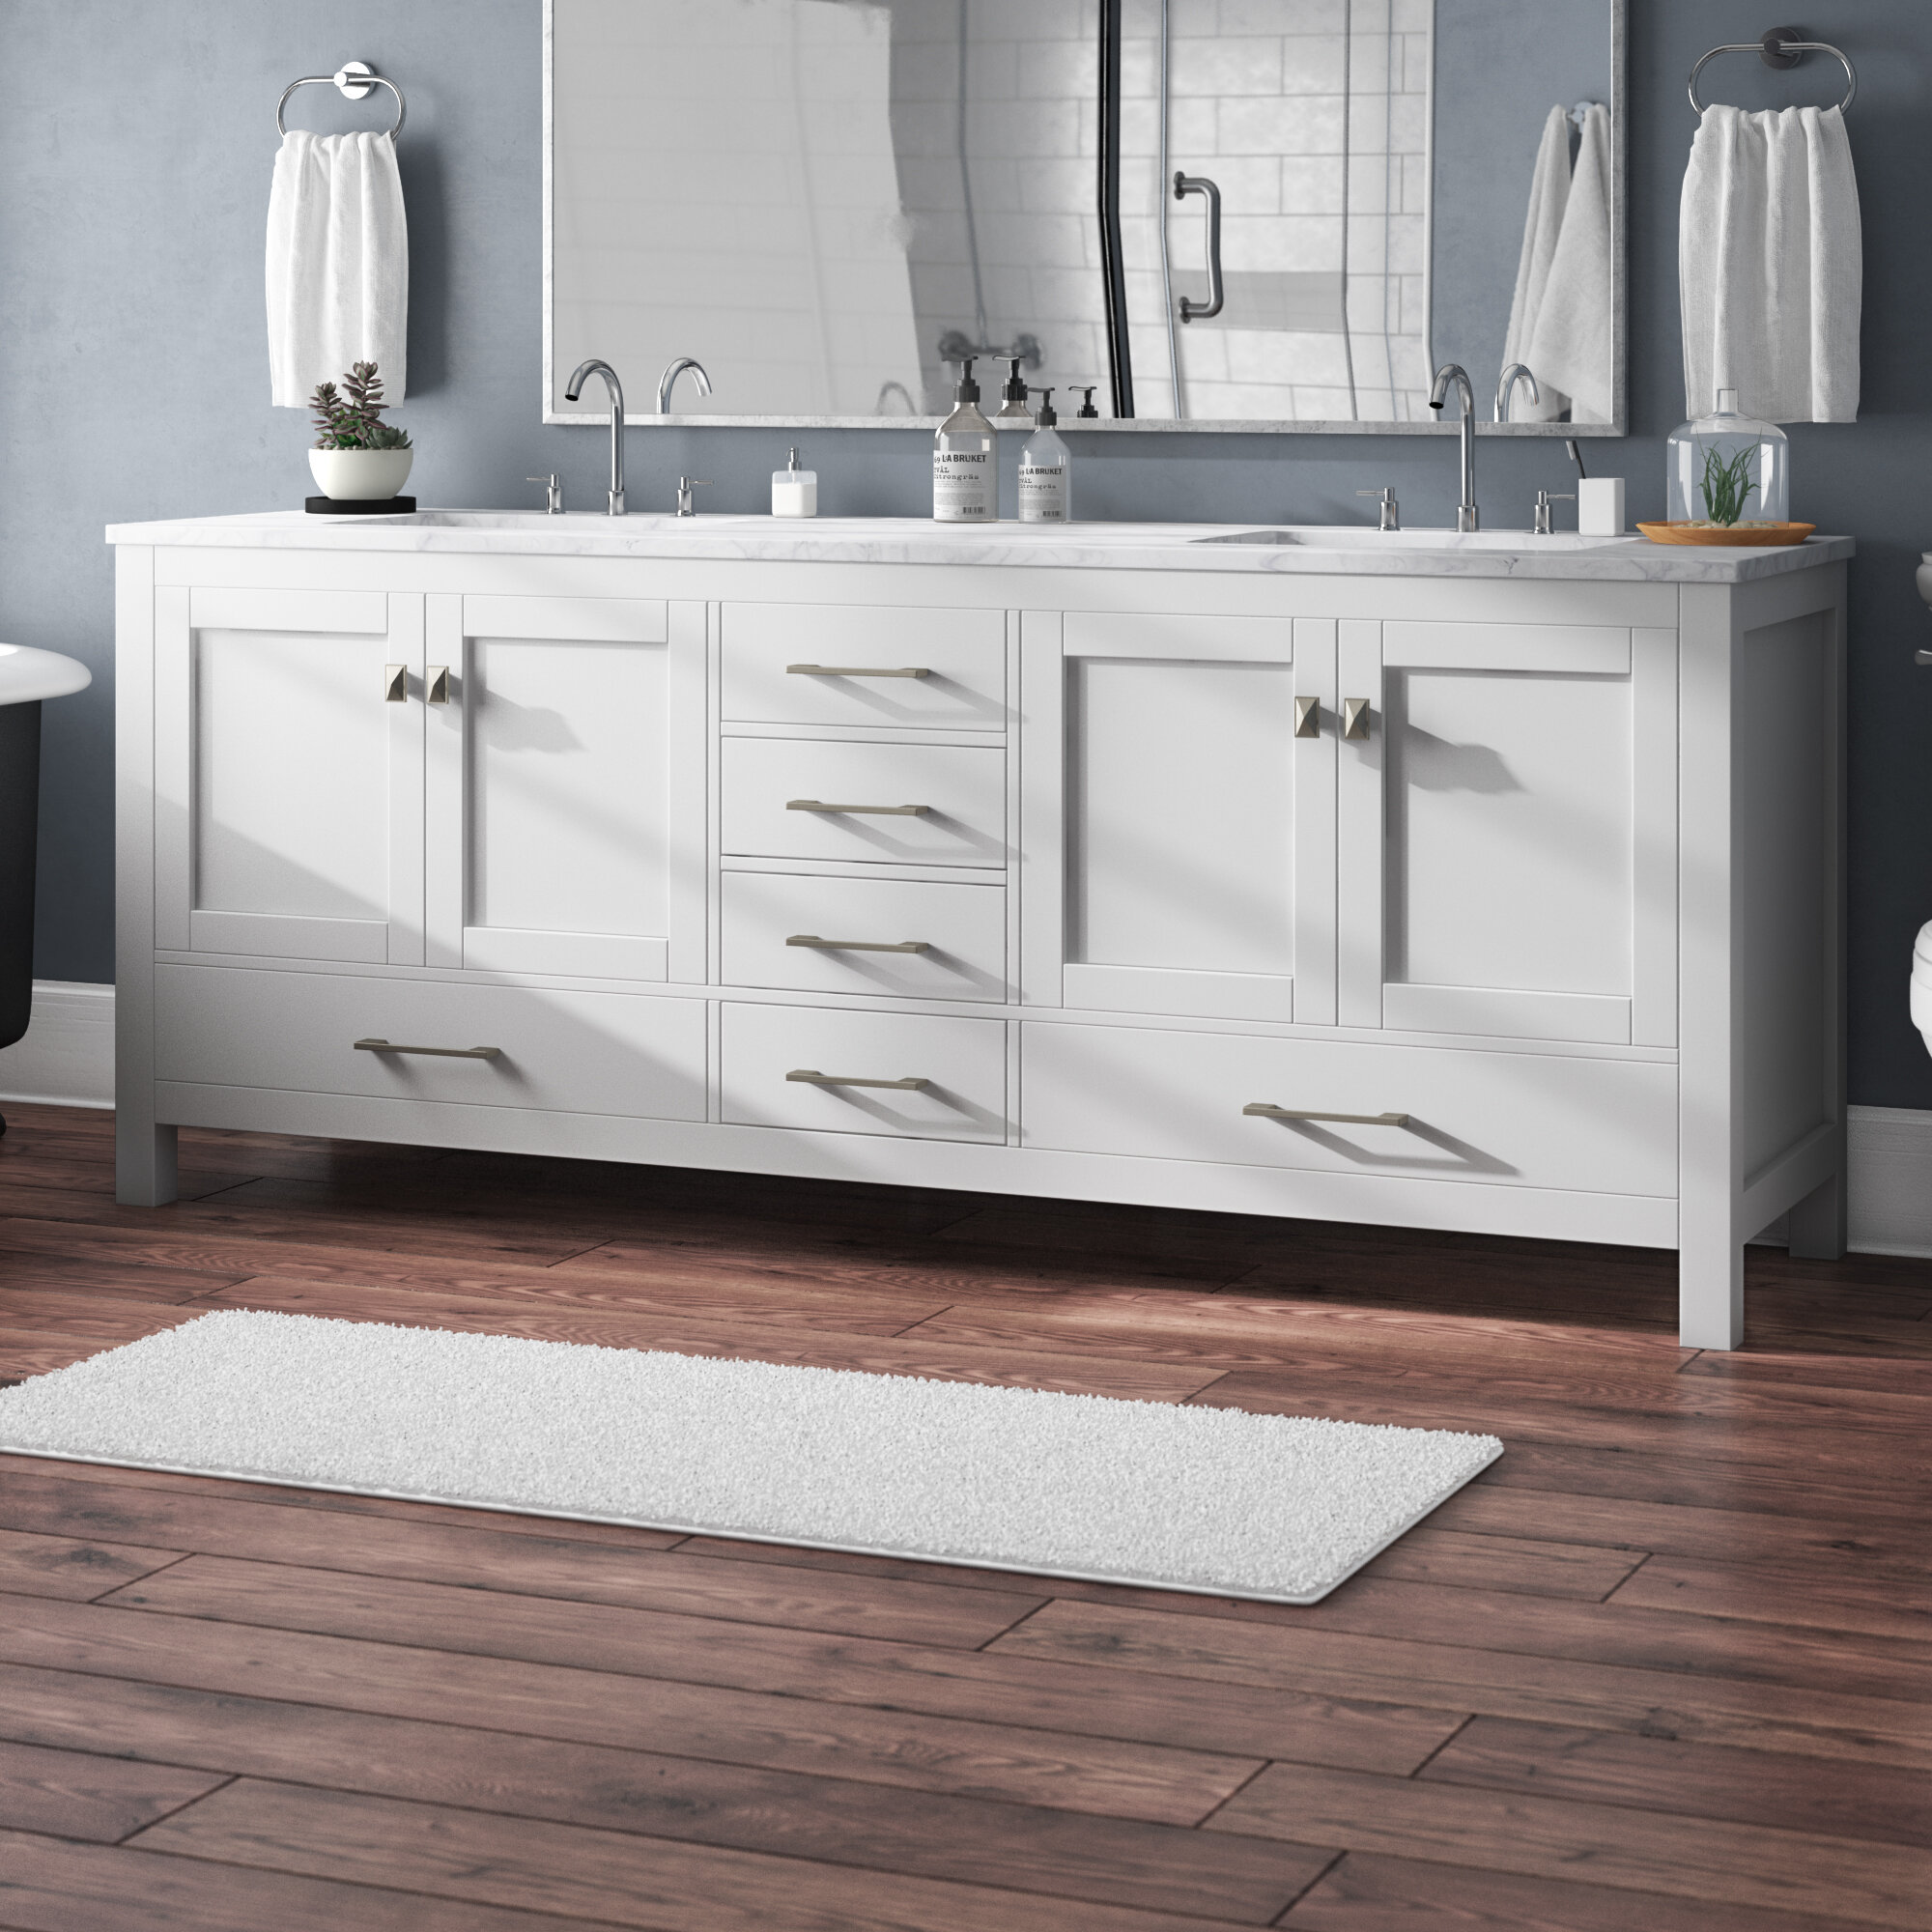 Brayden Studio Pichardo Transitional 84 Double Bathroom Vanity Set Reviews Wayfair